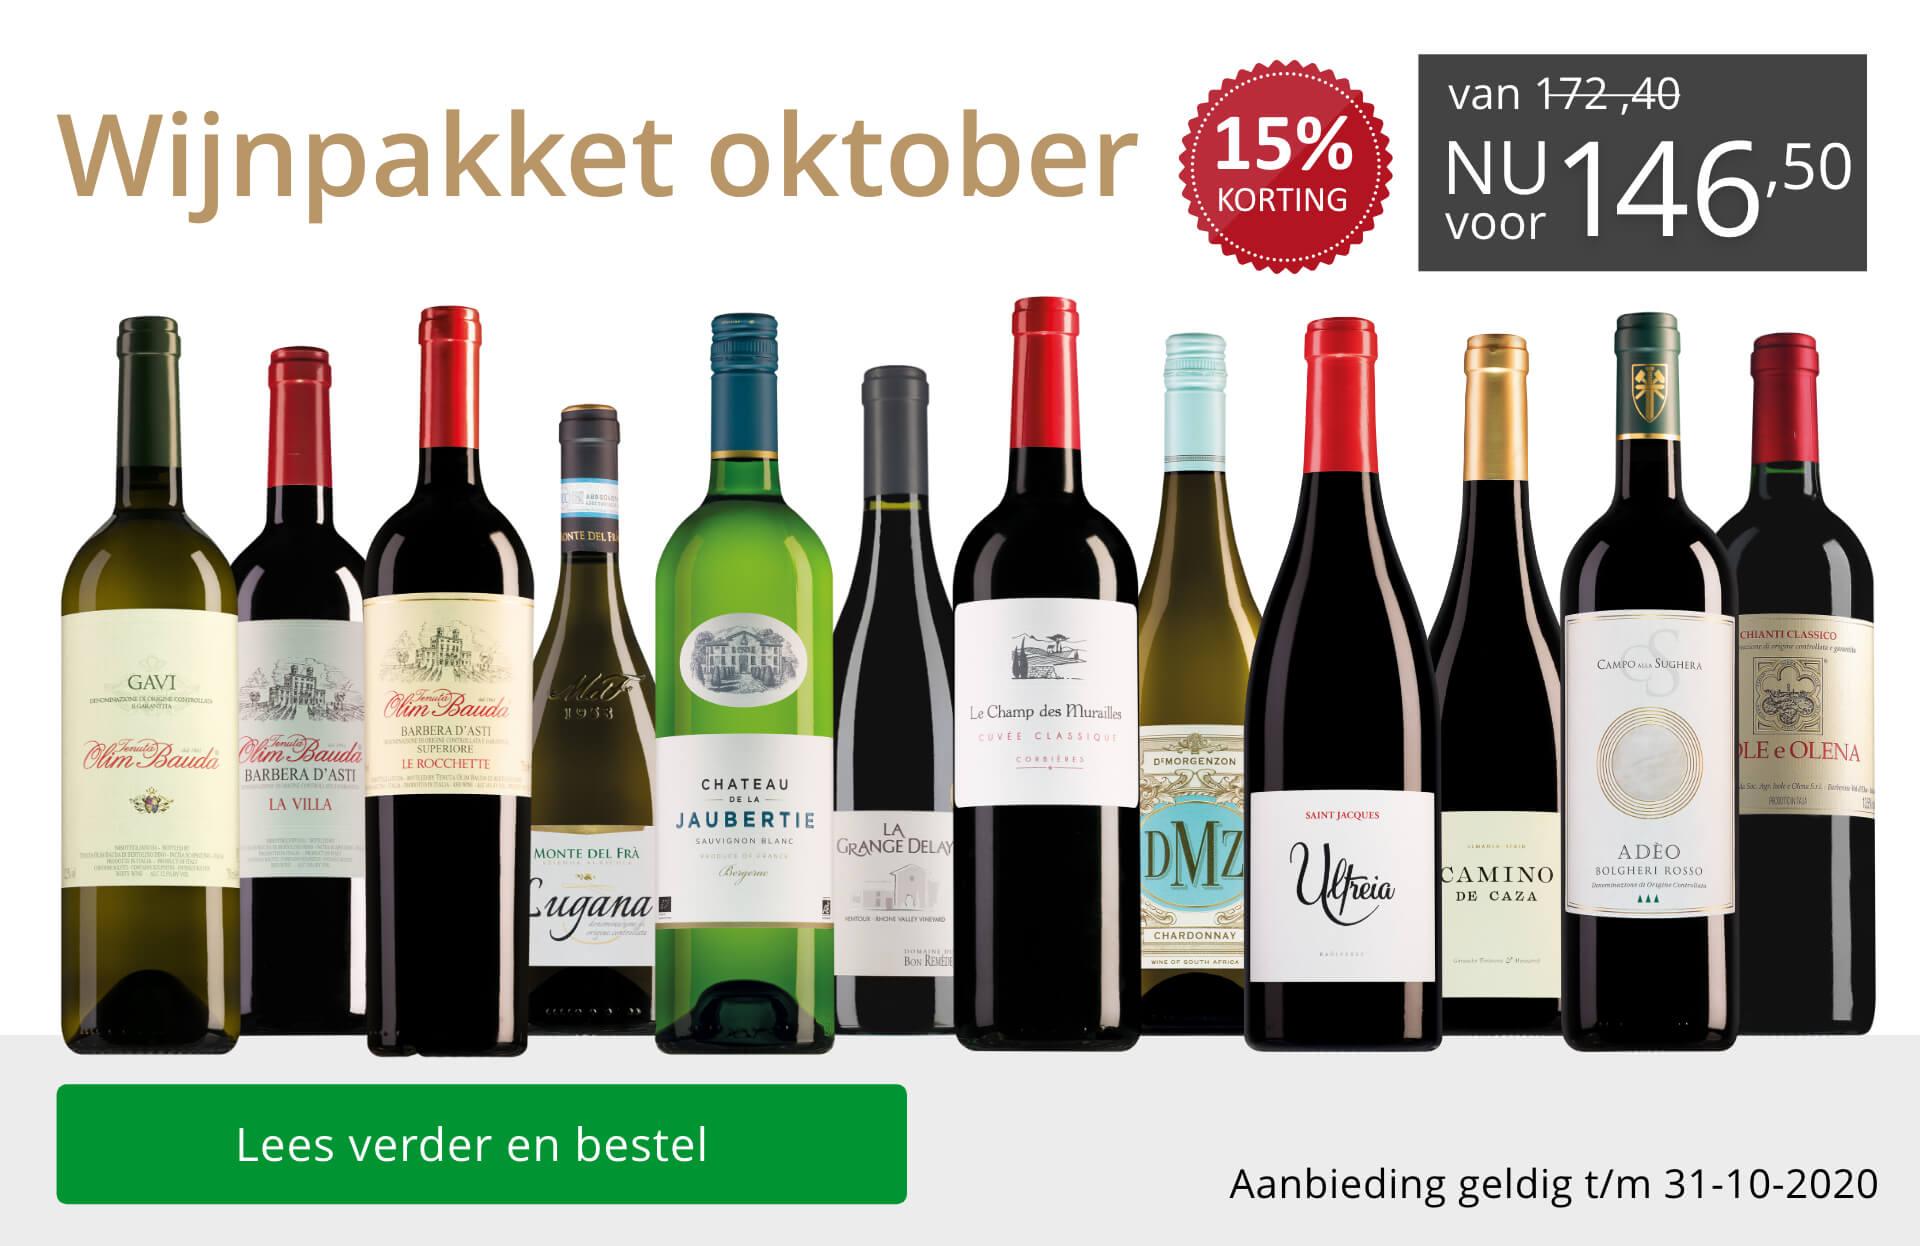 Wijnpakket wijnbericht oktober 2020 (146,50) - grijs/goud